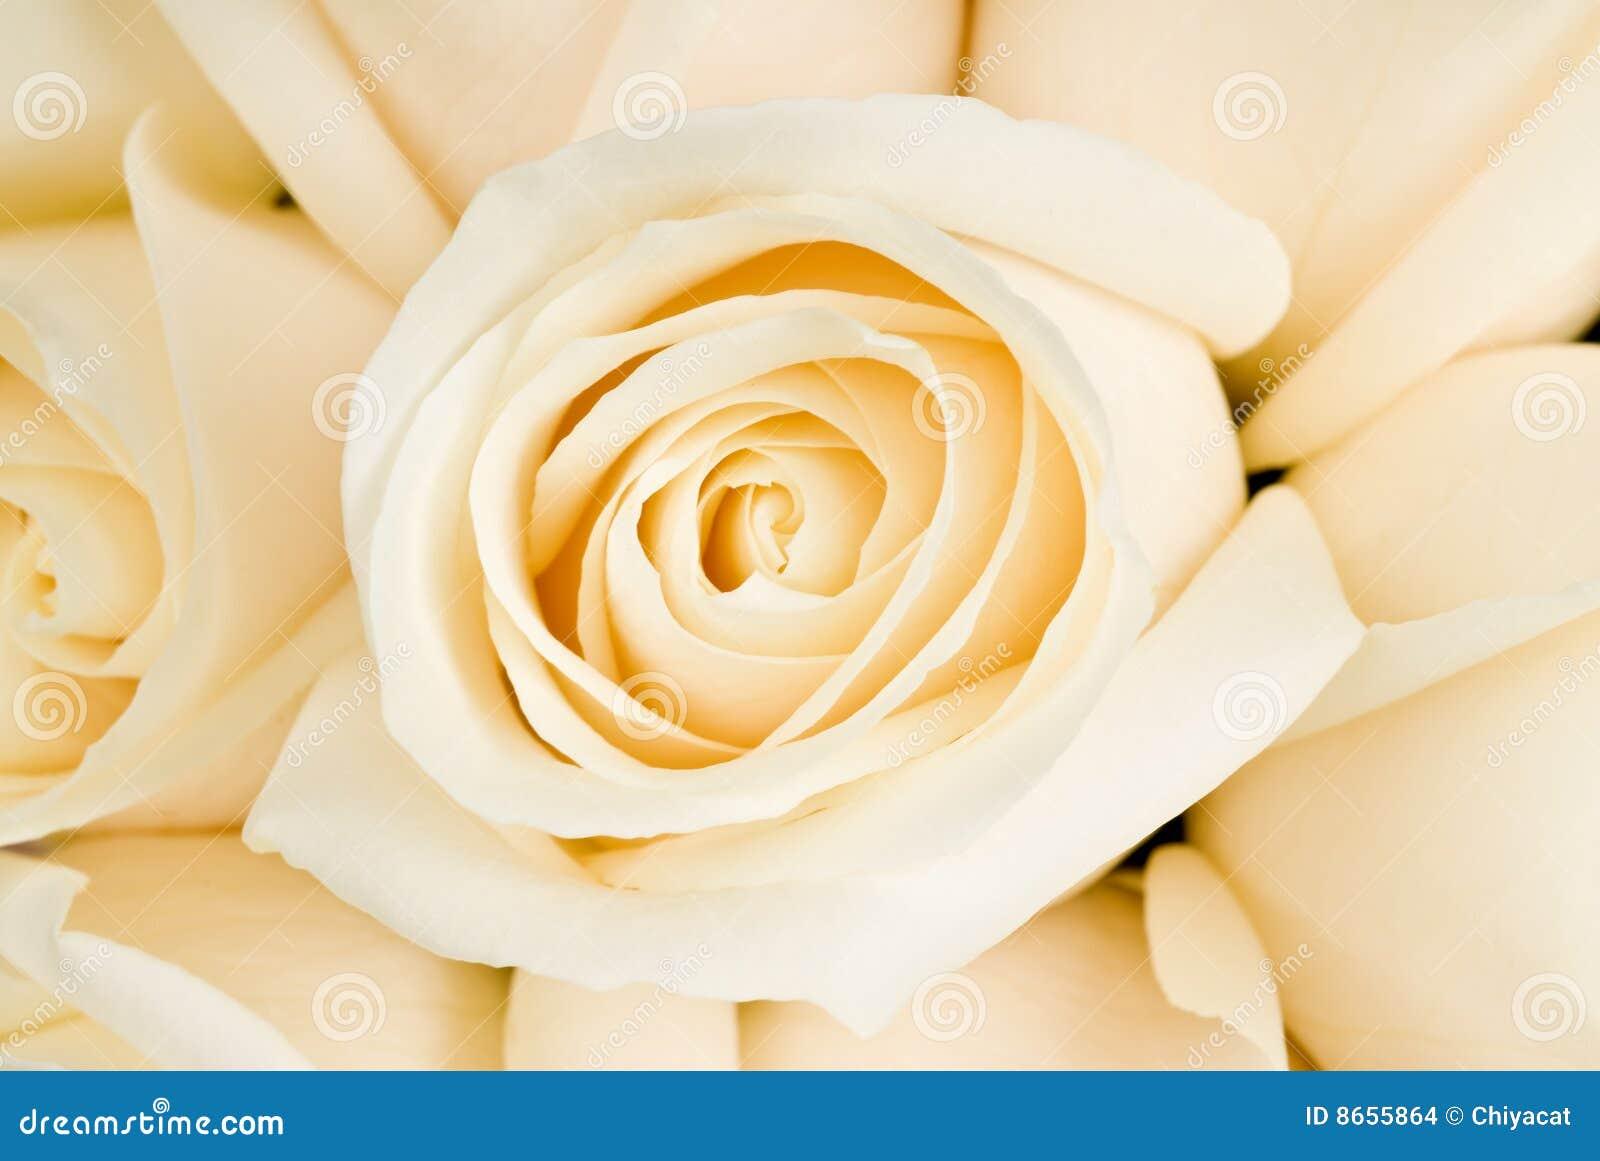 Mazzo delle rose bianche immagini stock immagine 8655864 for Disegni del mazzo del secondo piano